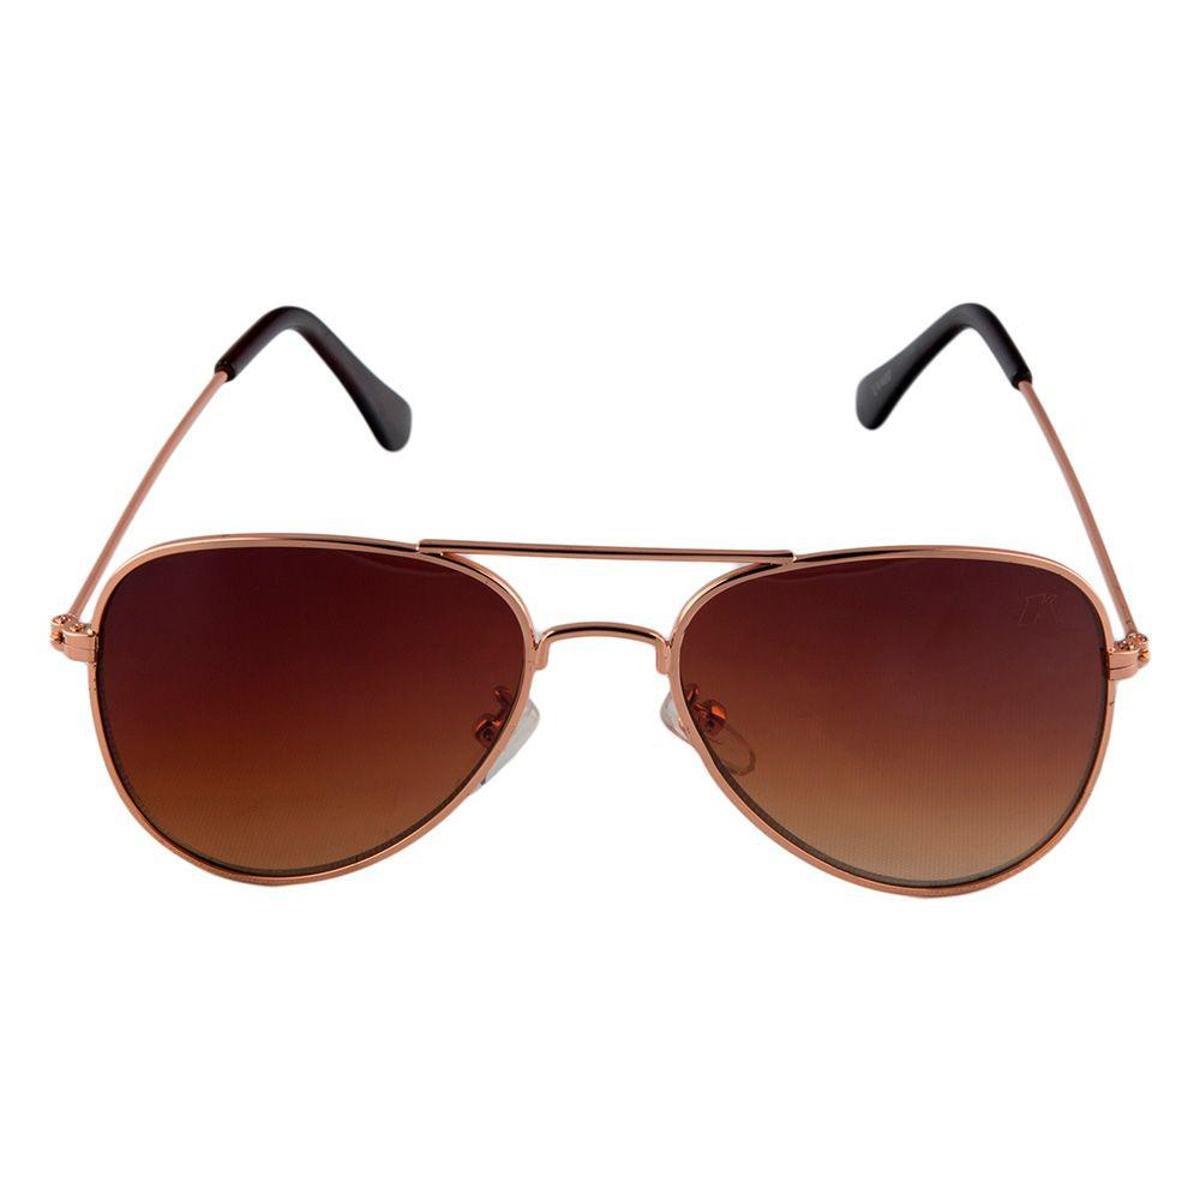 d80578b3ef15d Óculos de Sol Khatto Infantil Aviador Station Feminino - Marrom - Compre  Agora